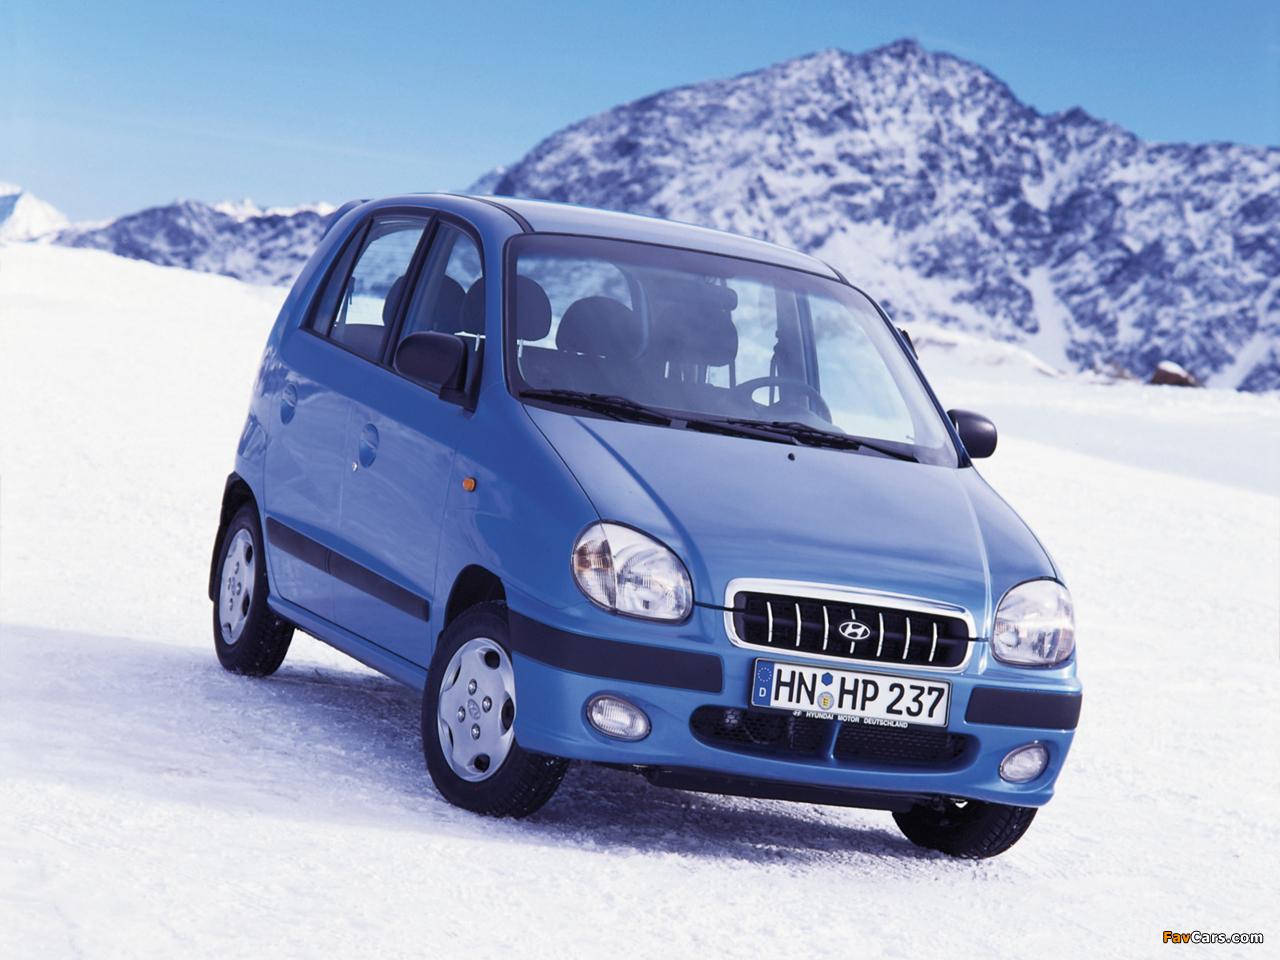 Photos Of Hyundai Atos Prime 1999 2001 1280x960